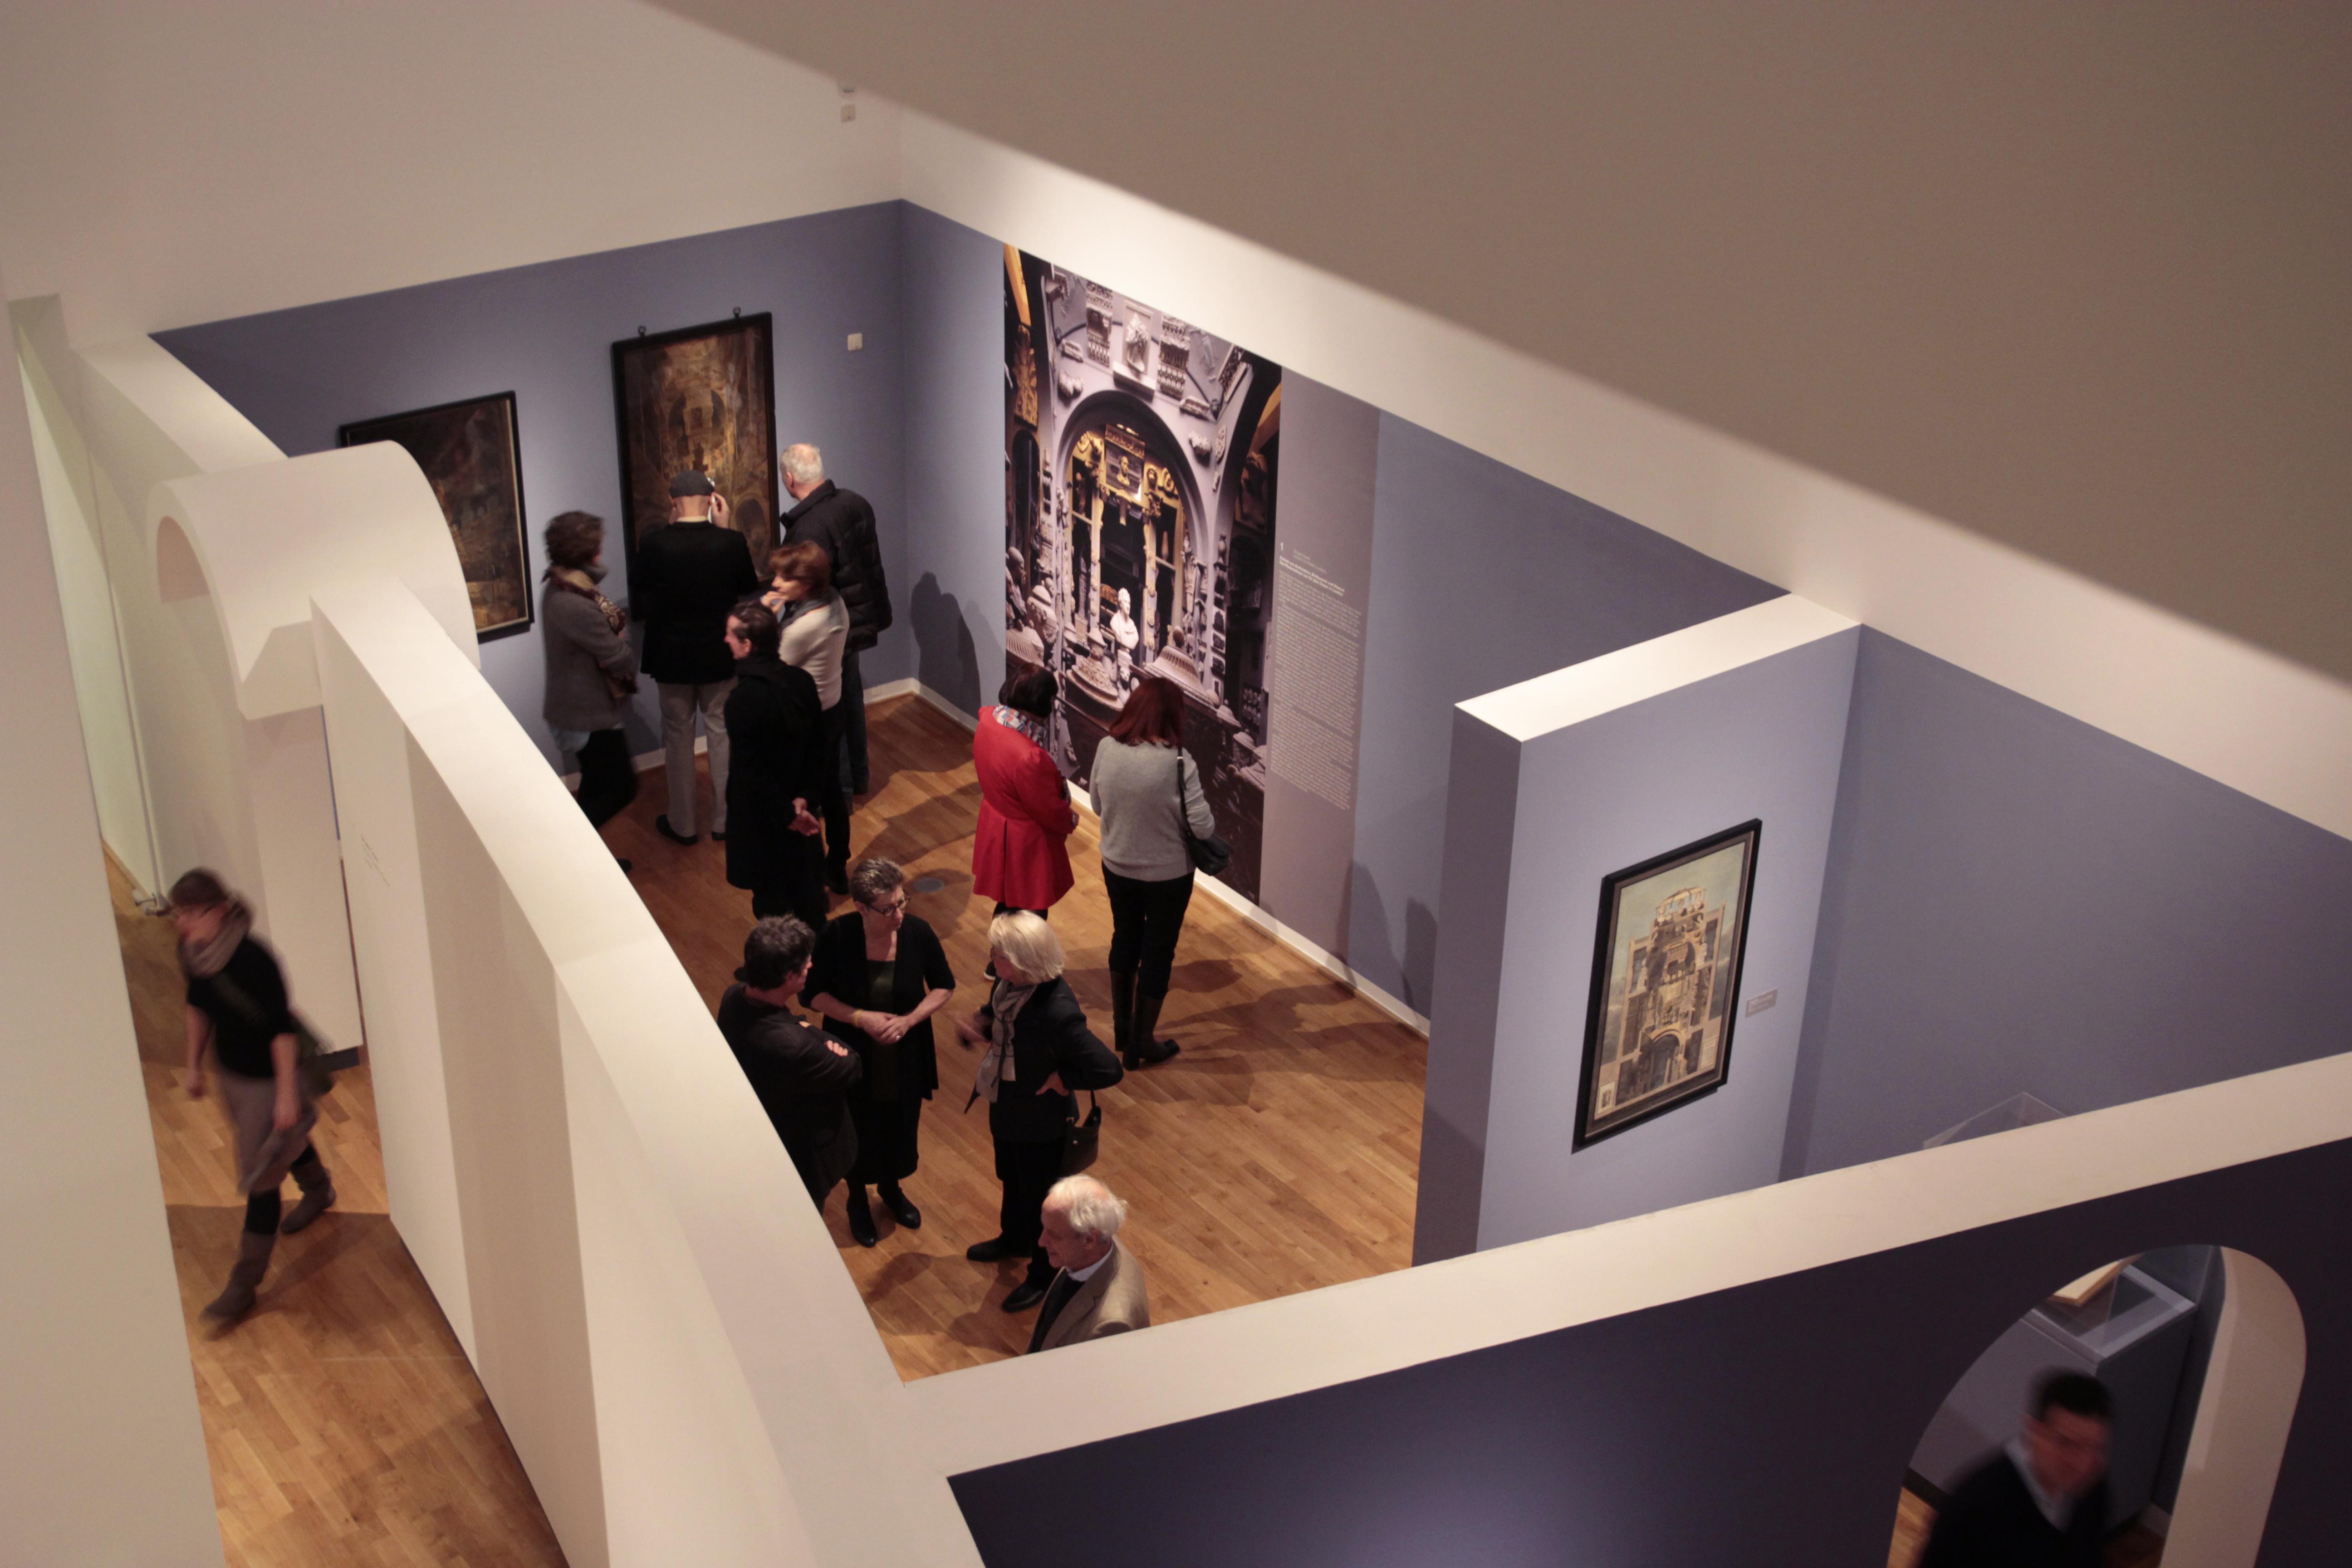 Ansicht von oben: Menschen betrachten eine Ausstellung